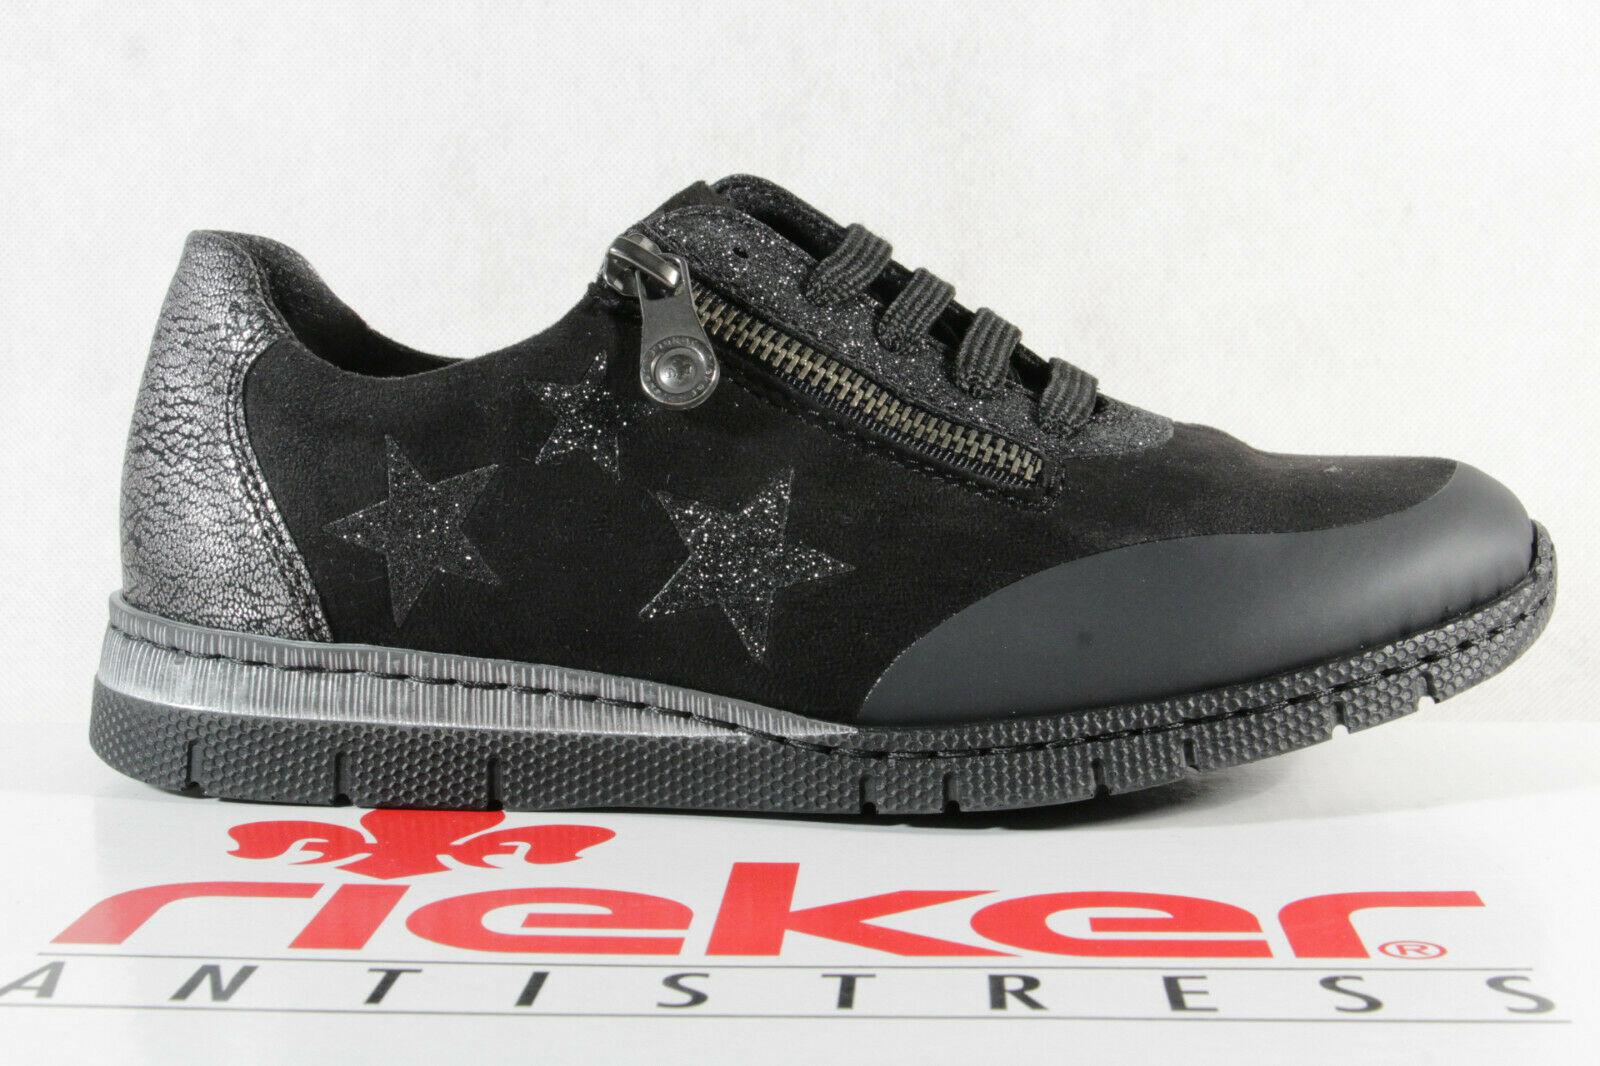 Rieker Damen Schnürschuhe Sneakers Sportschuhe Halbschuhe